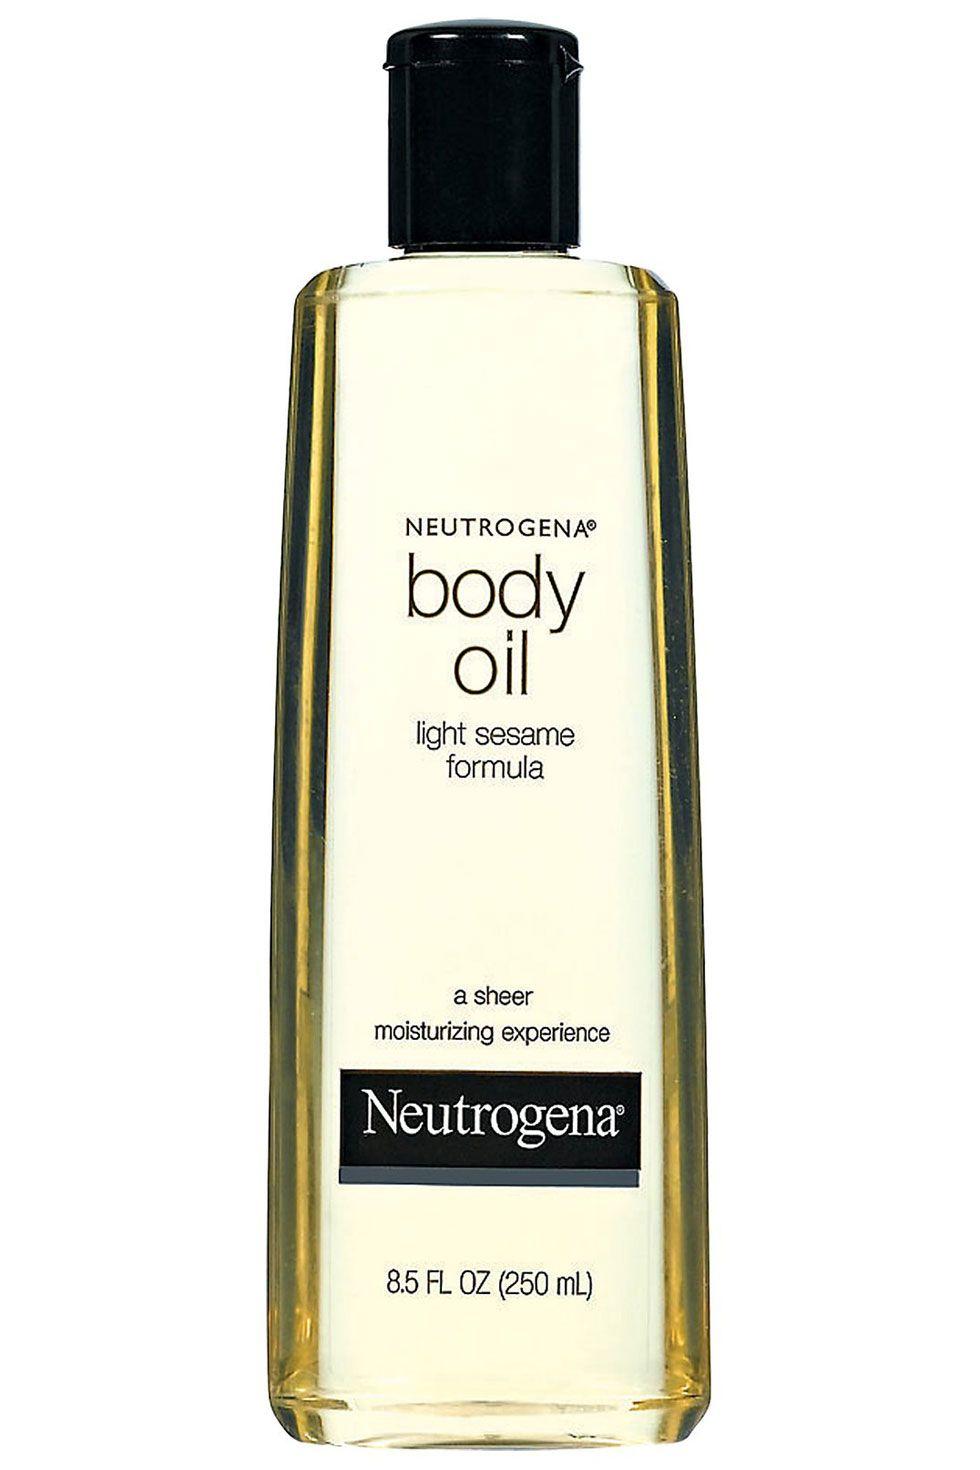 """<p>Neutrogena Body Oil, $9.49; <a href=""""http://www.neutrogena.com/product/body+oil.do"""" target=""""_blank"""">neutrogena.com</a></p>"""